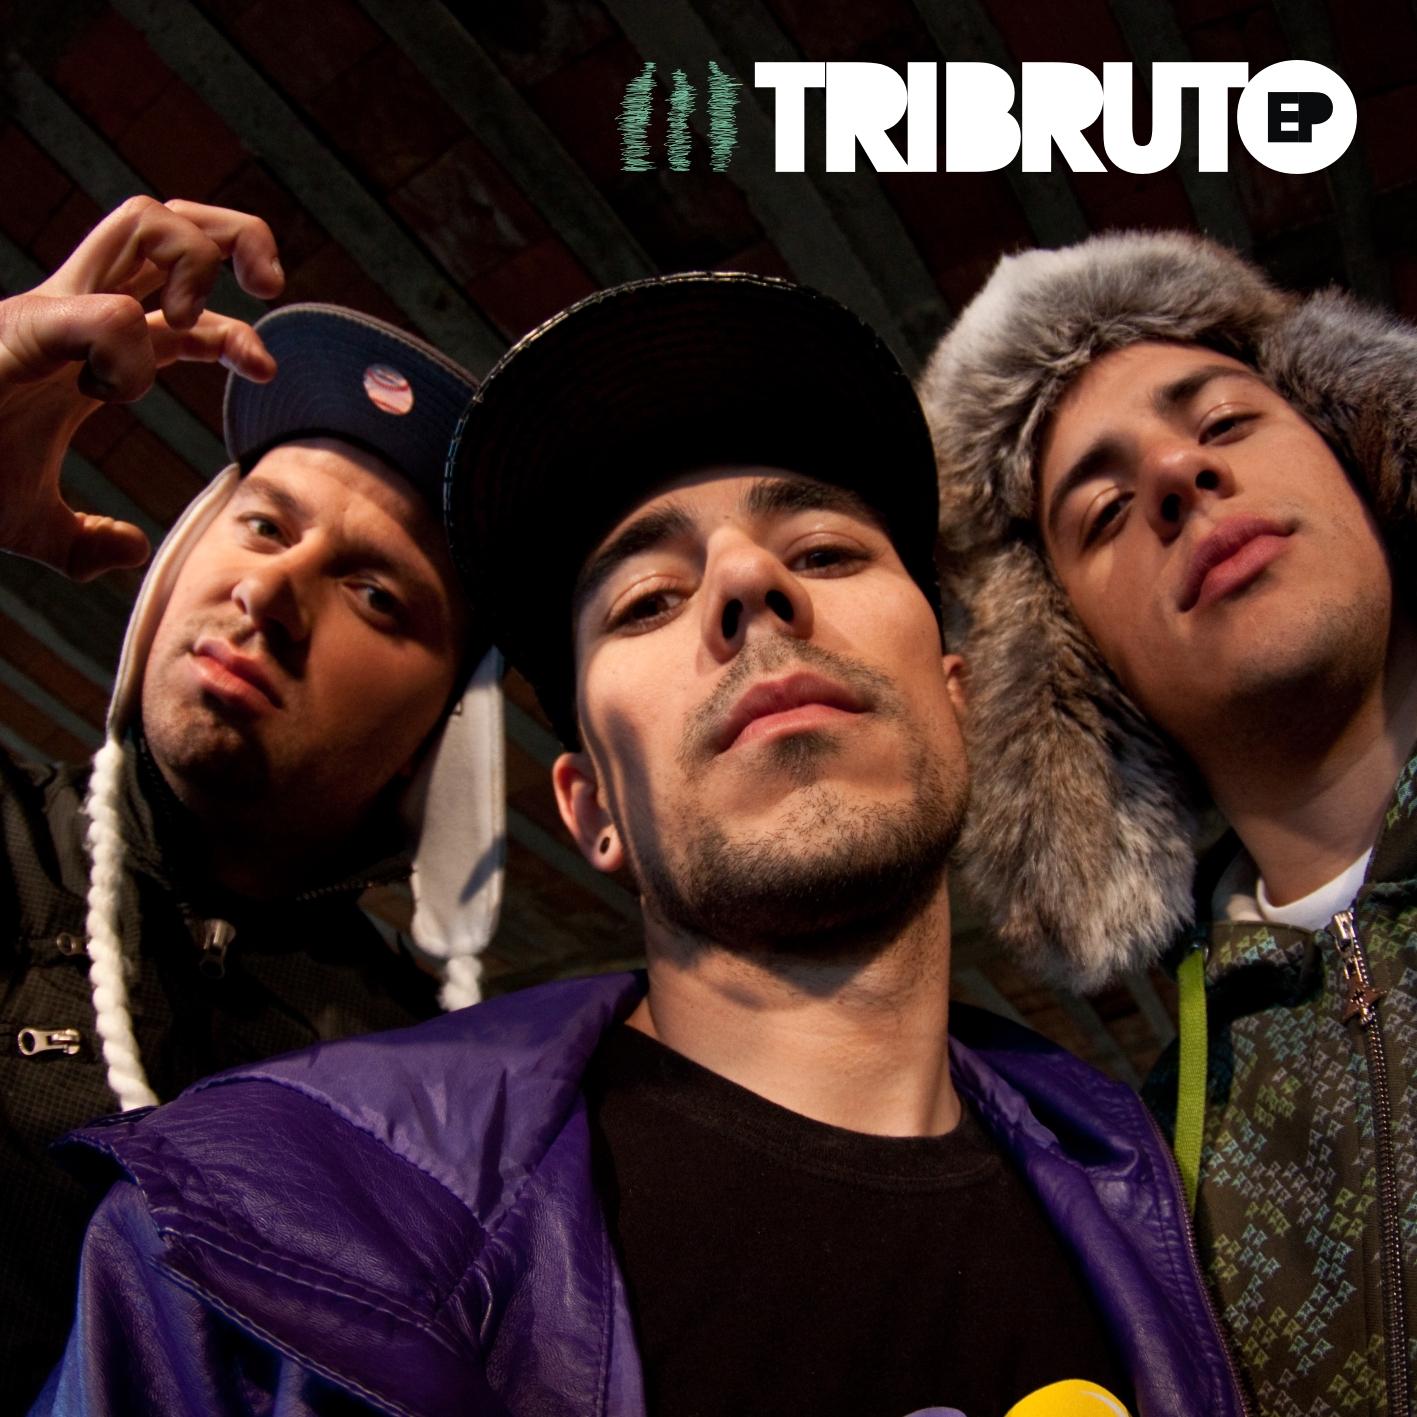 Tribruto EP @ ilítico